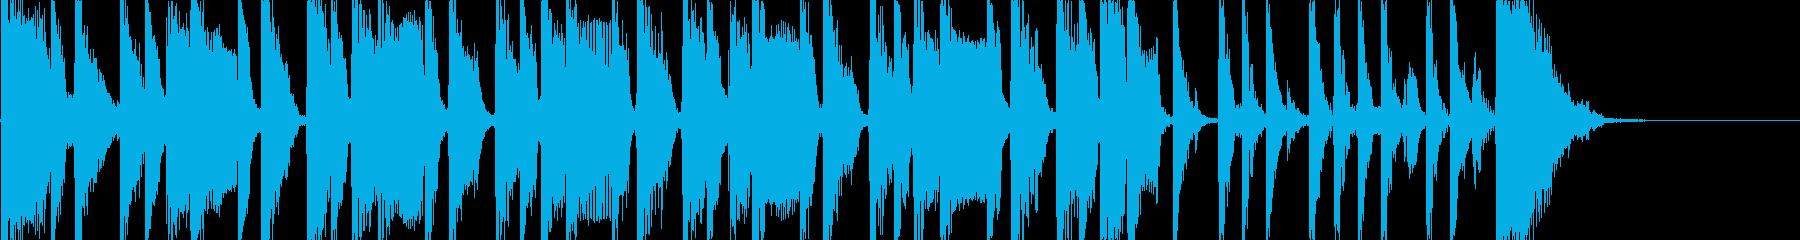 ベースとパーカスによるコミカルなポップスの再生済みの波形